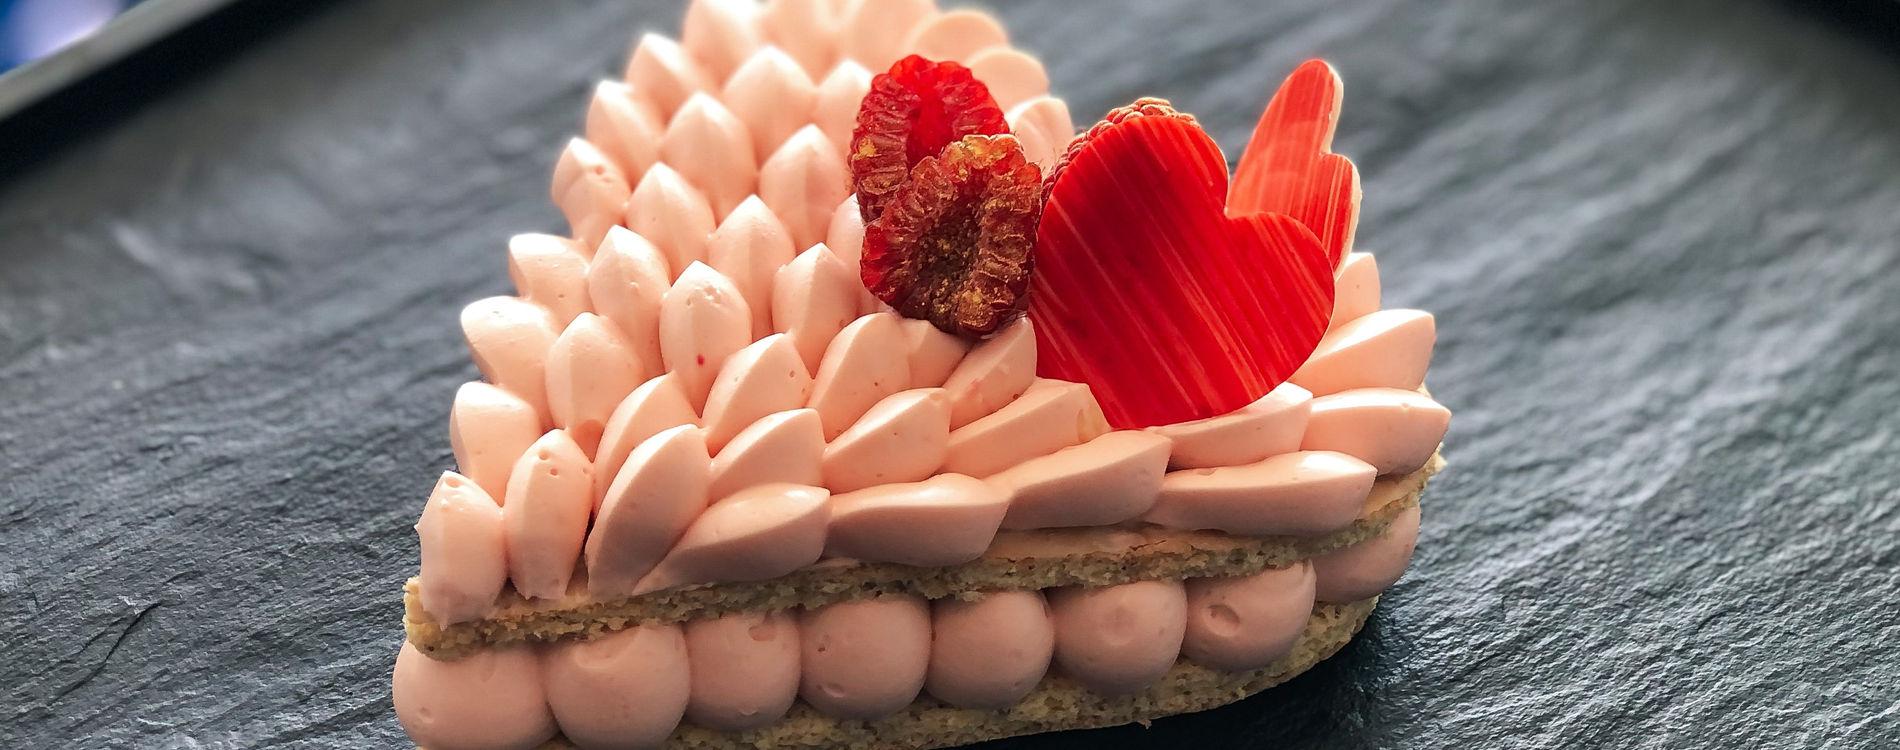 Dessert Saint Valentin 2021 Le Grill Monaco - Cœur Rose et Framboise